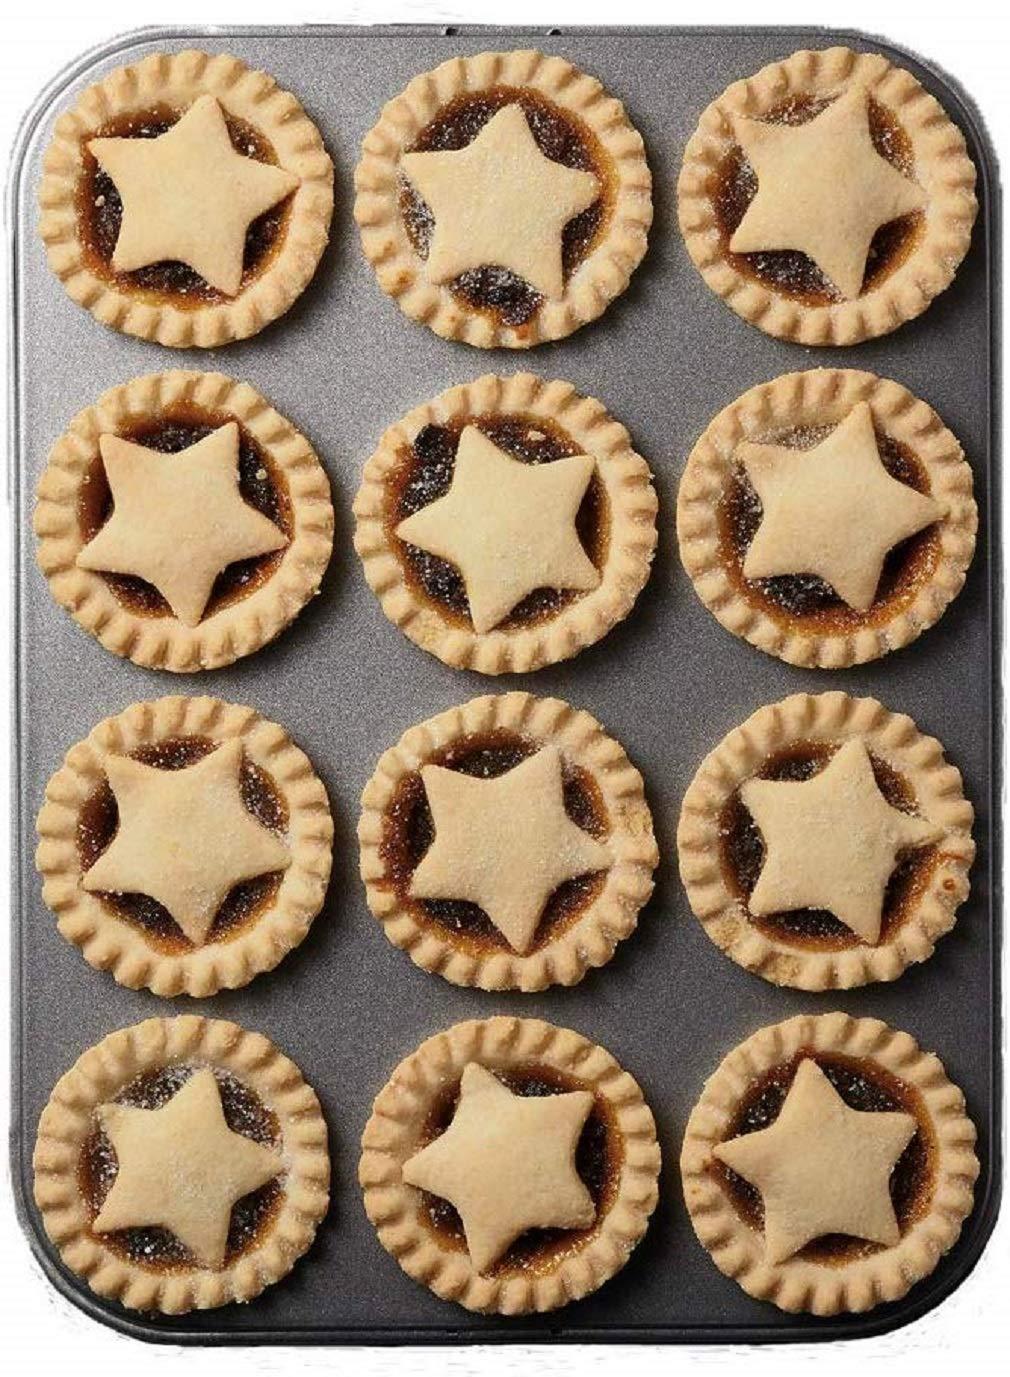 KitchenCraft MasterClass 12-Hole Non-Stick Mince Pie Baking Tray, 32 x 24 cm, £6.99  Prime on Amazon